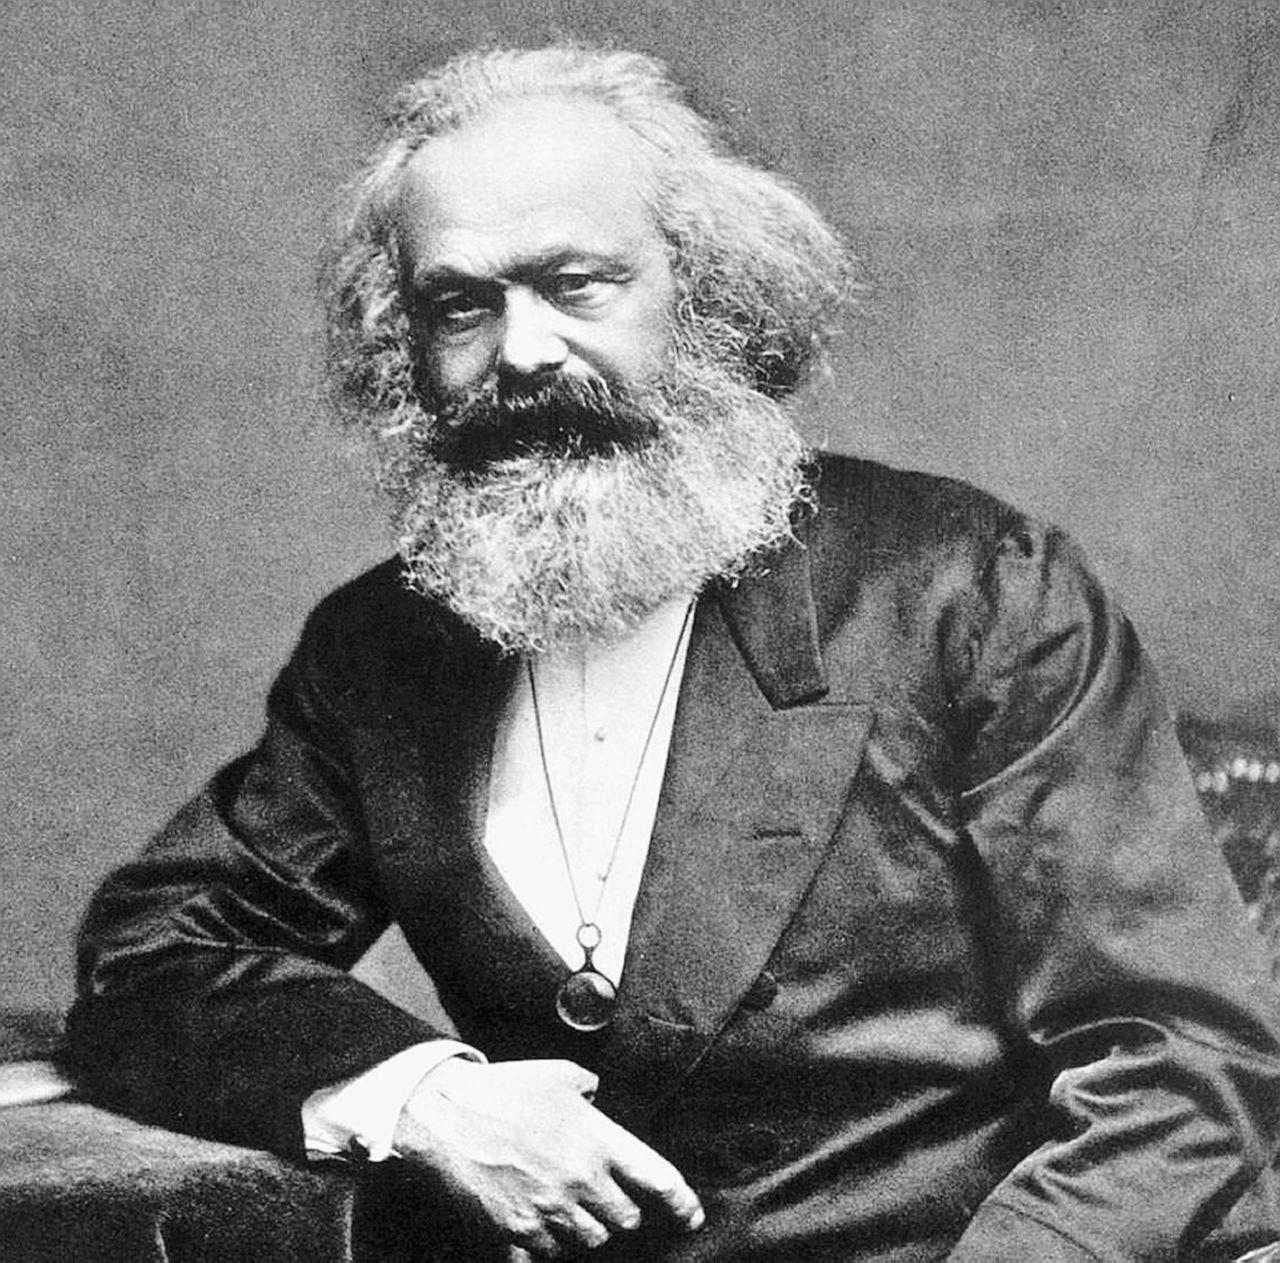 Il marxismo è vivo e lotta sempre in tutte le librerie